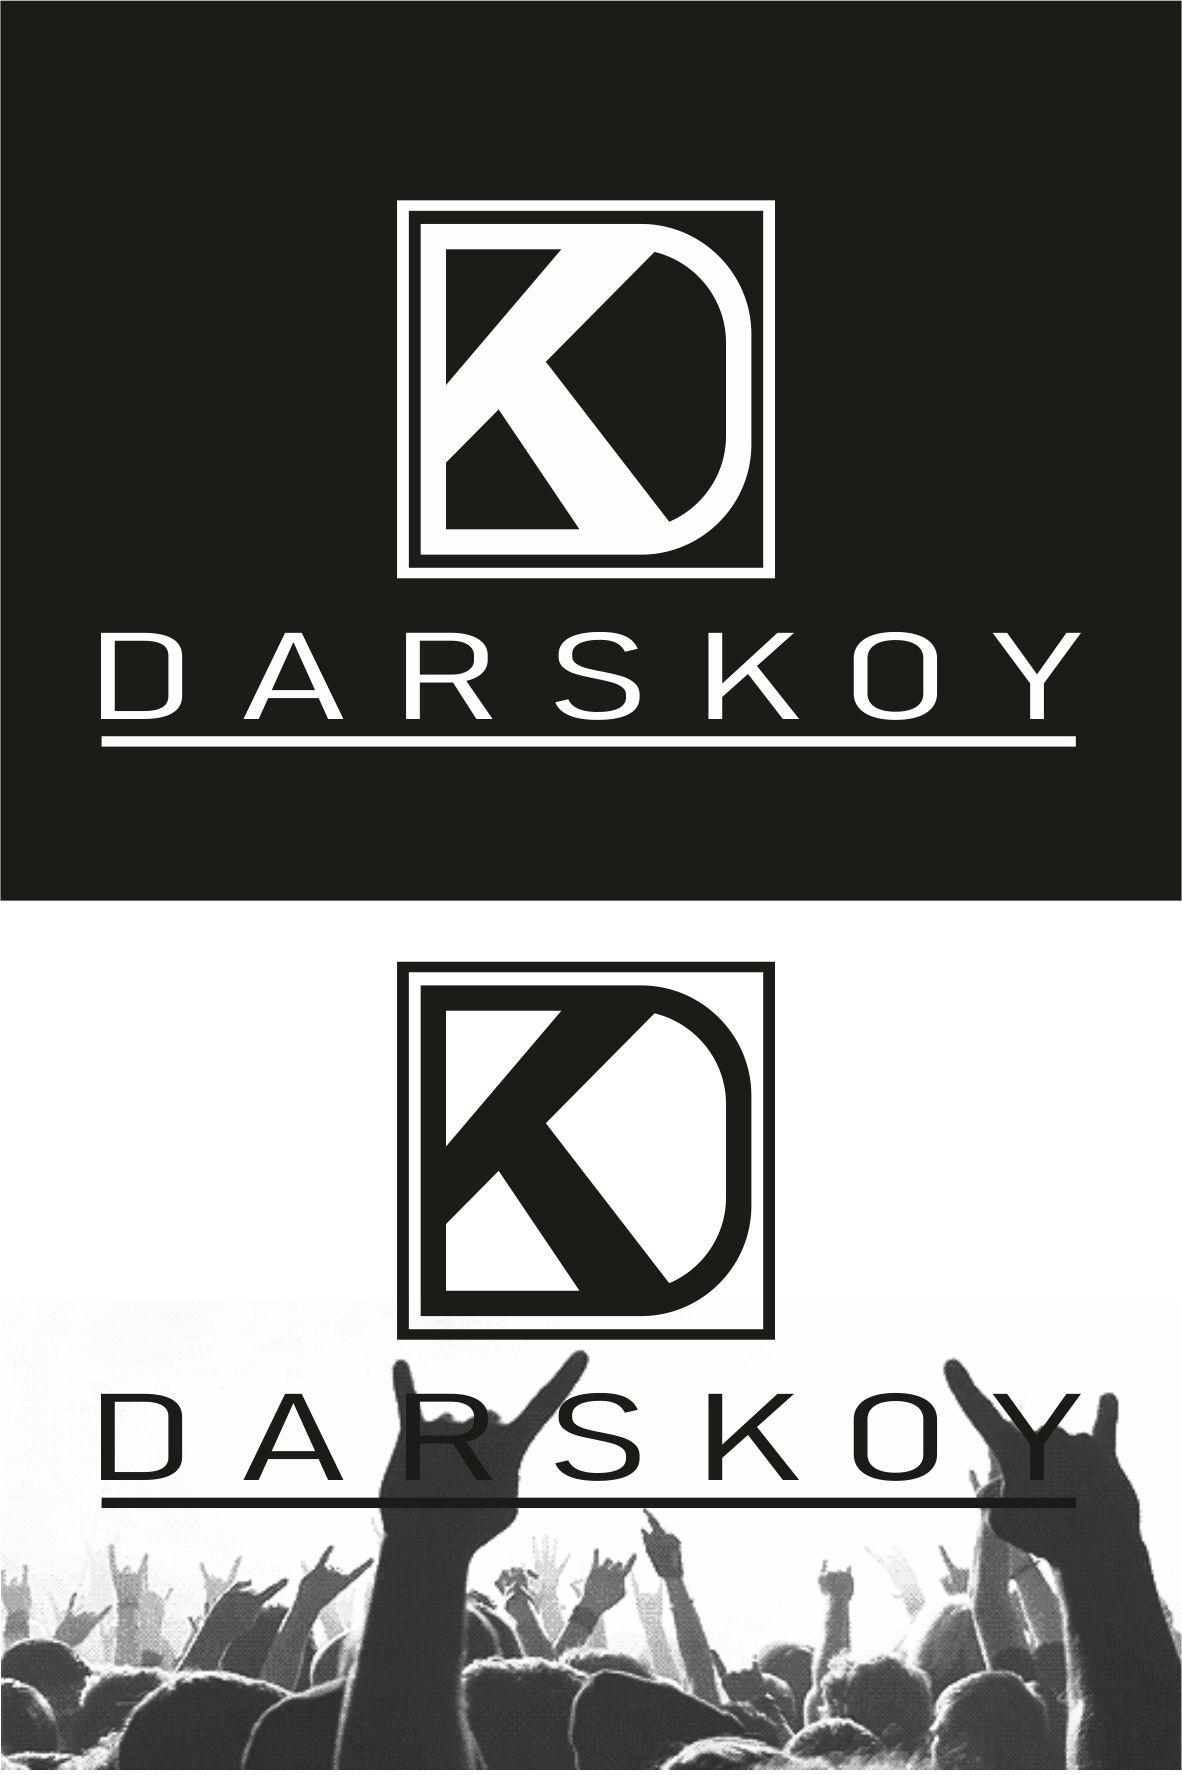 Нарисовать логотип для сольного музыкального проекта фото f_6335baaa1c1291fa.jpg